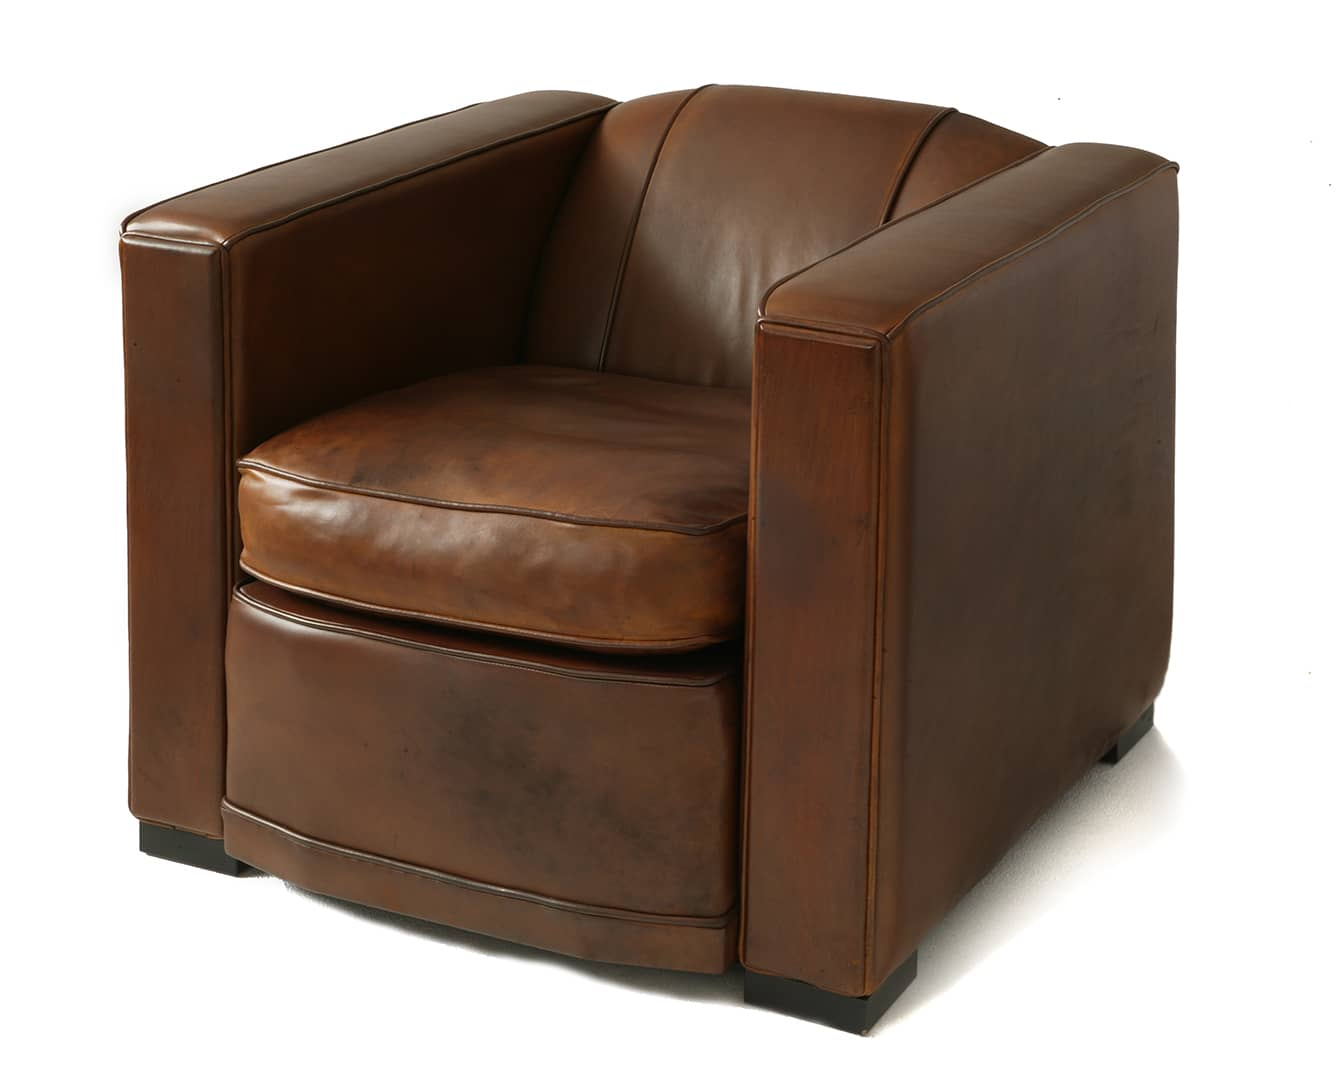 choix d'un fauteuil club